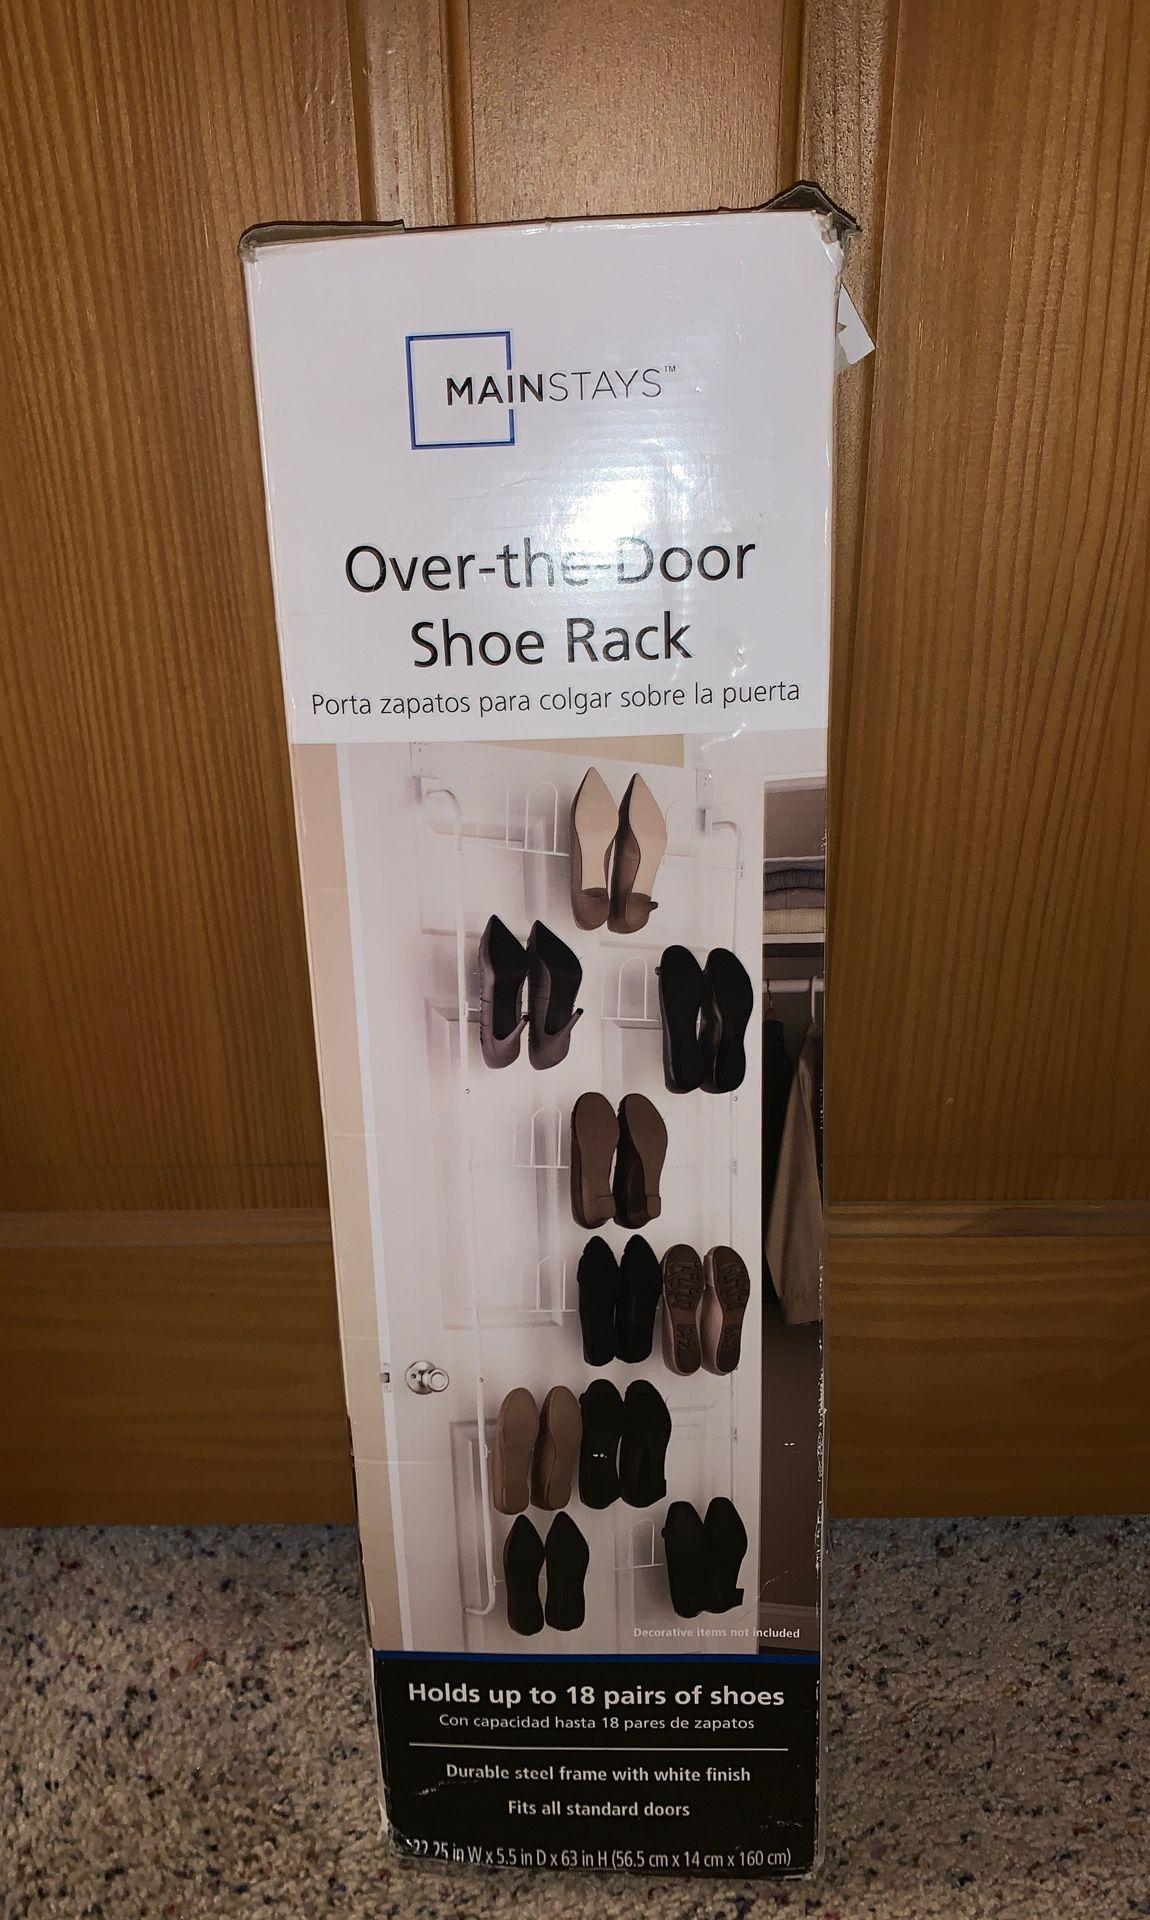 Mainstays Over-the-Door Shoe Rack